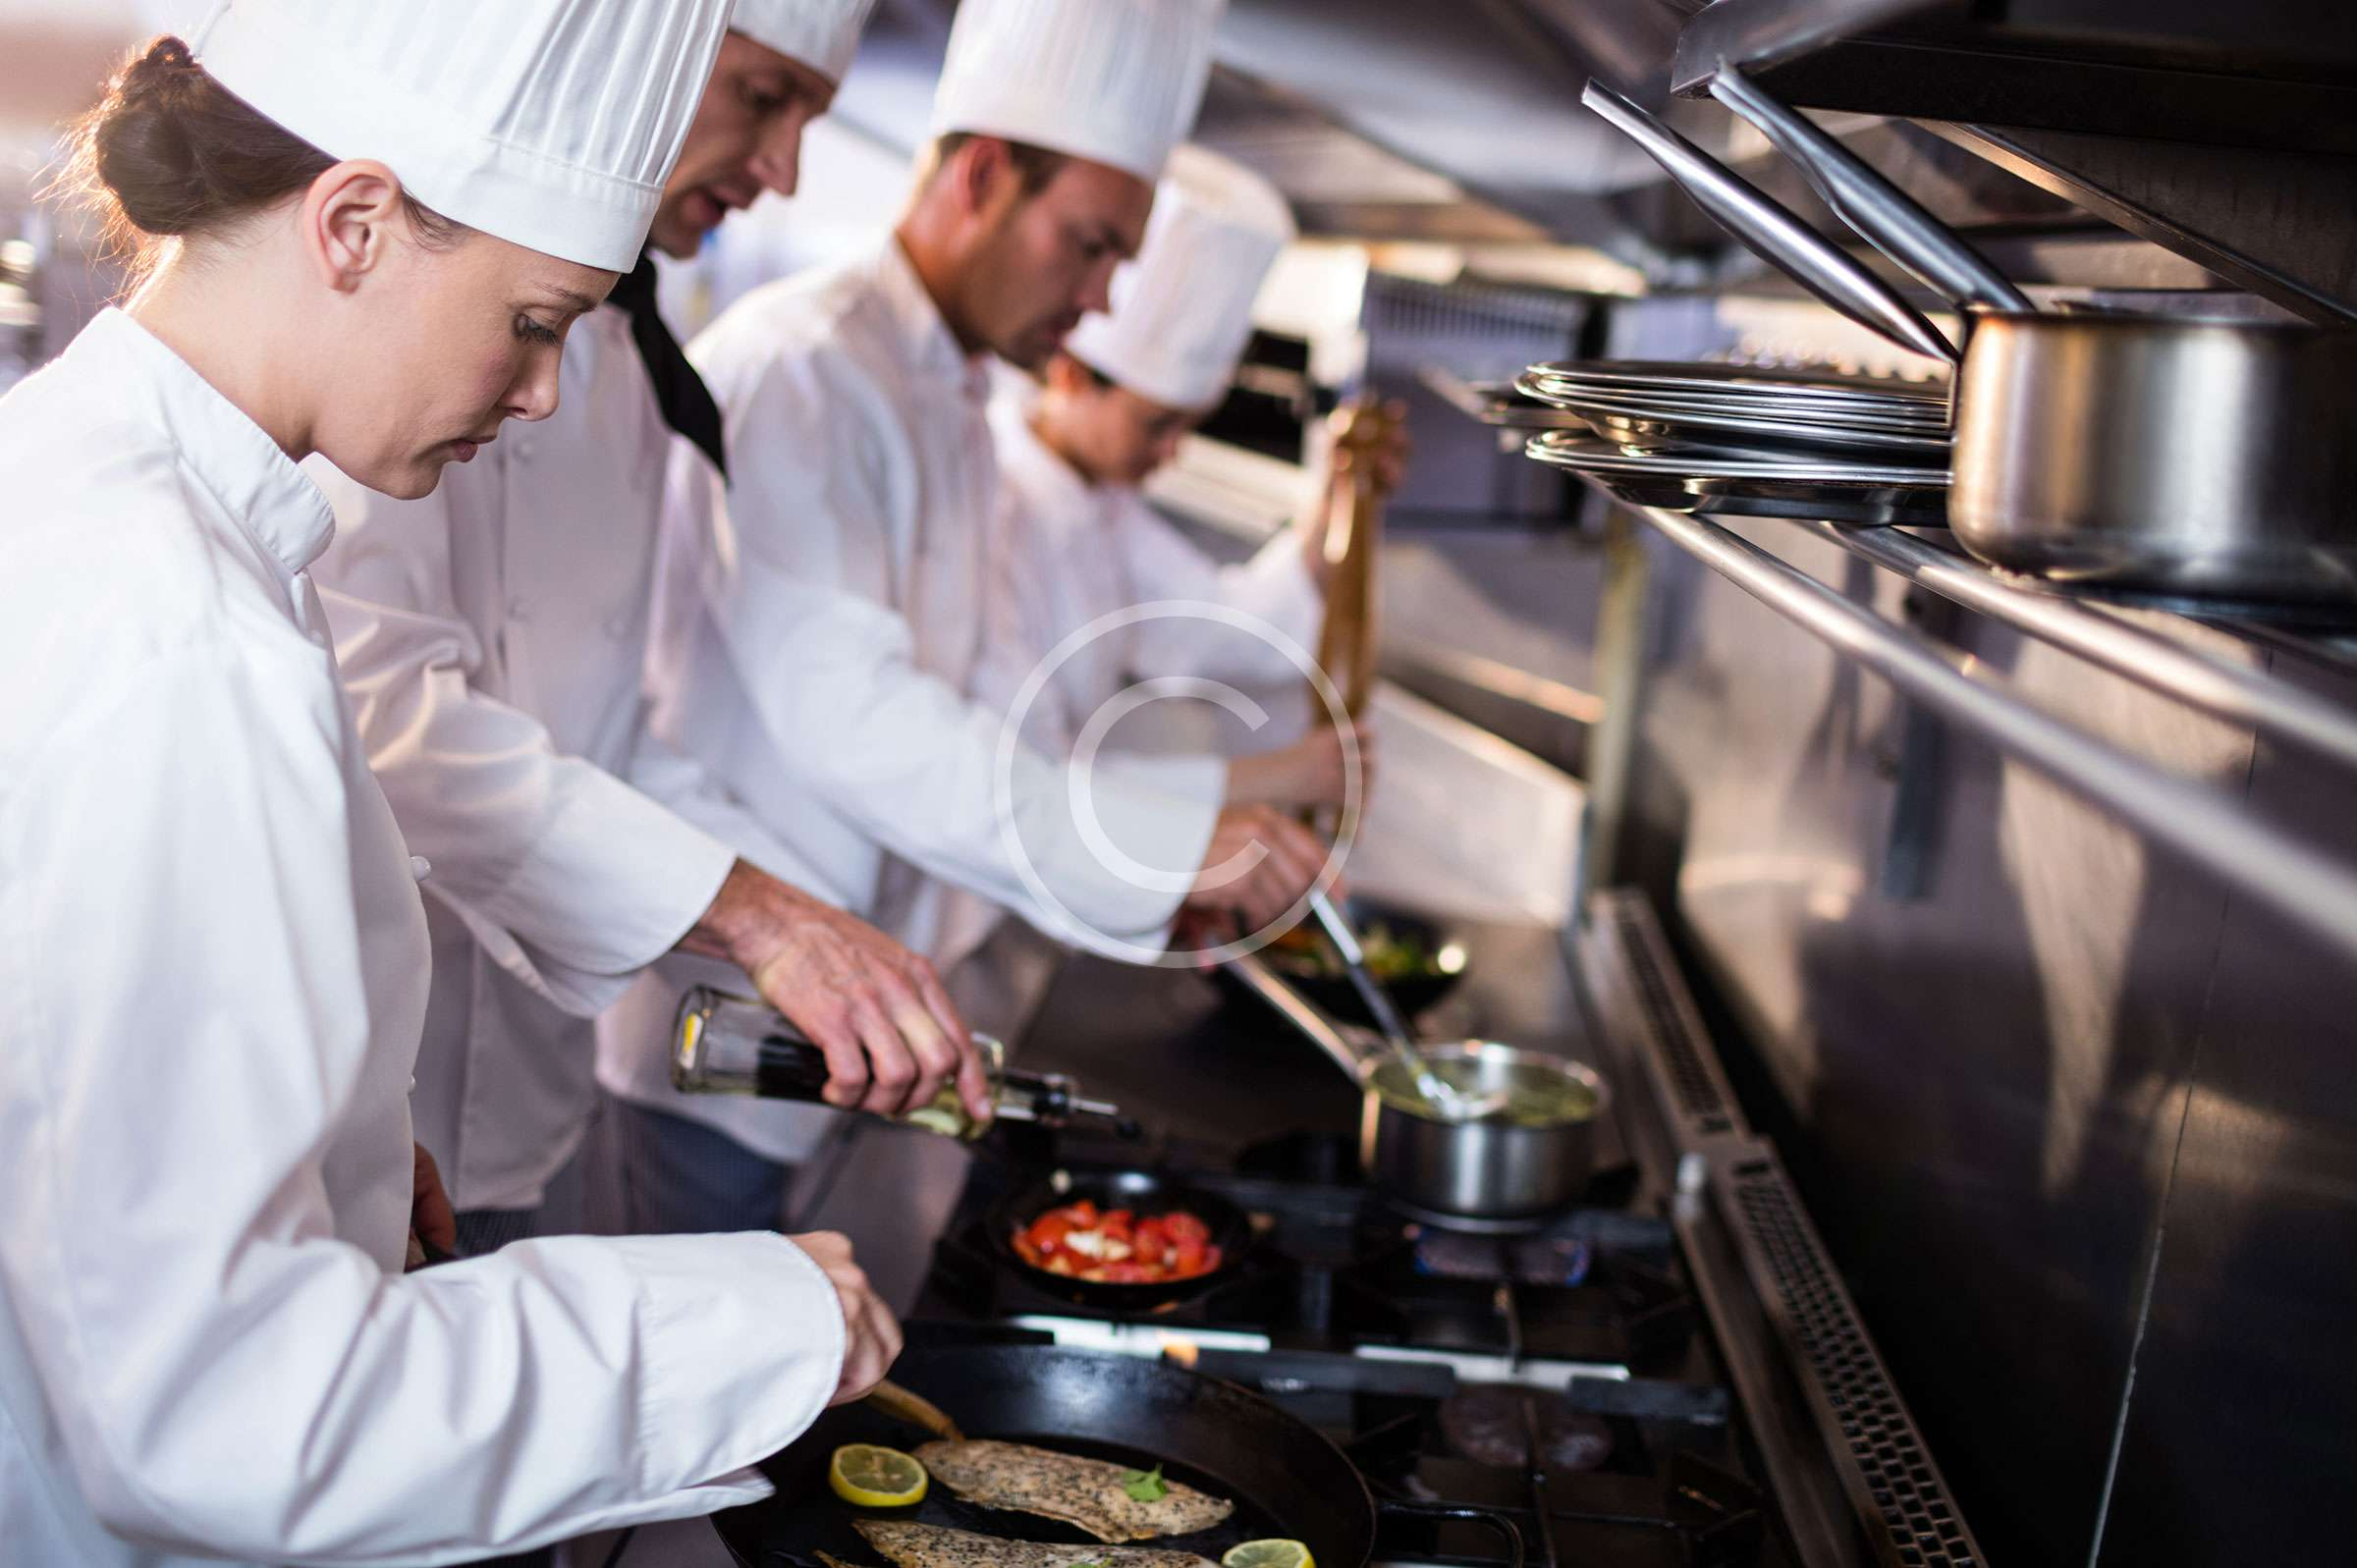 New Trends in Restaurants